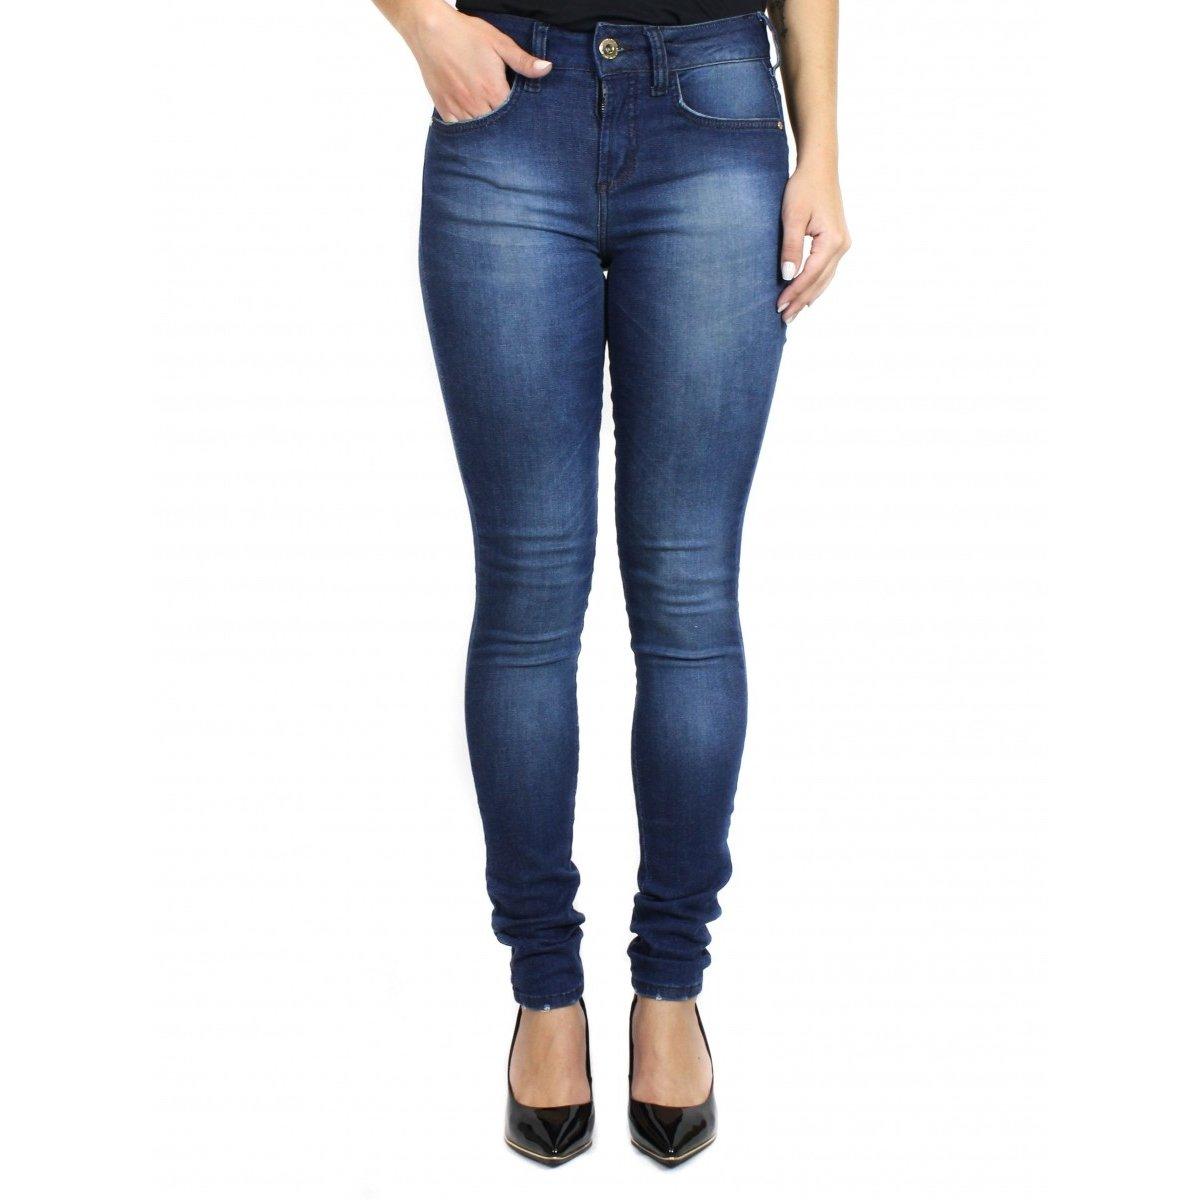 c8c3199f88 Calça Jeans Colcci Cory Azul - Compre Agora